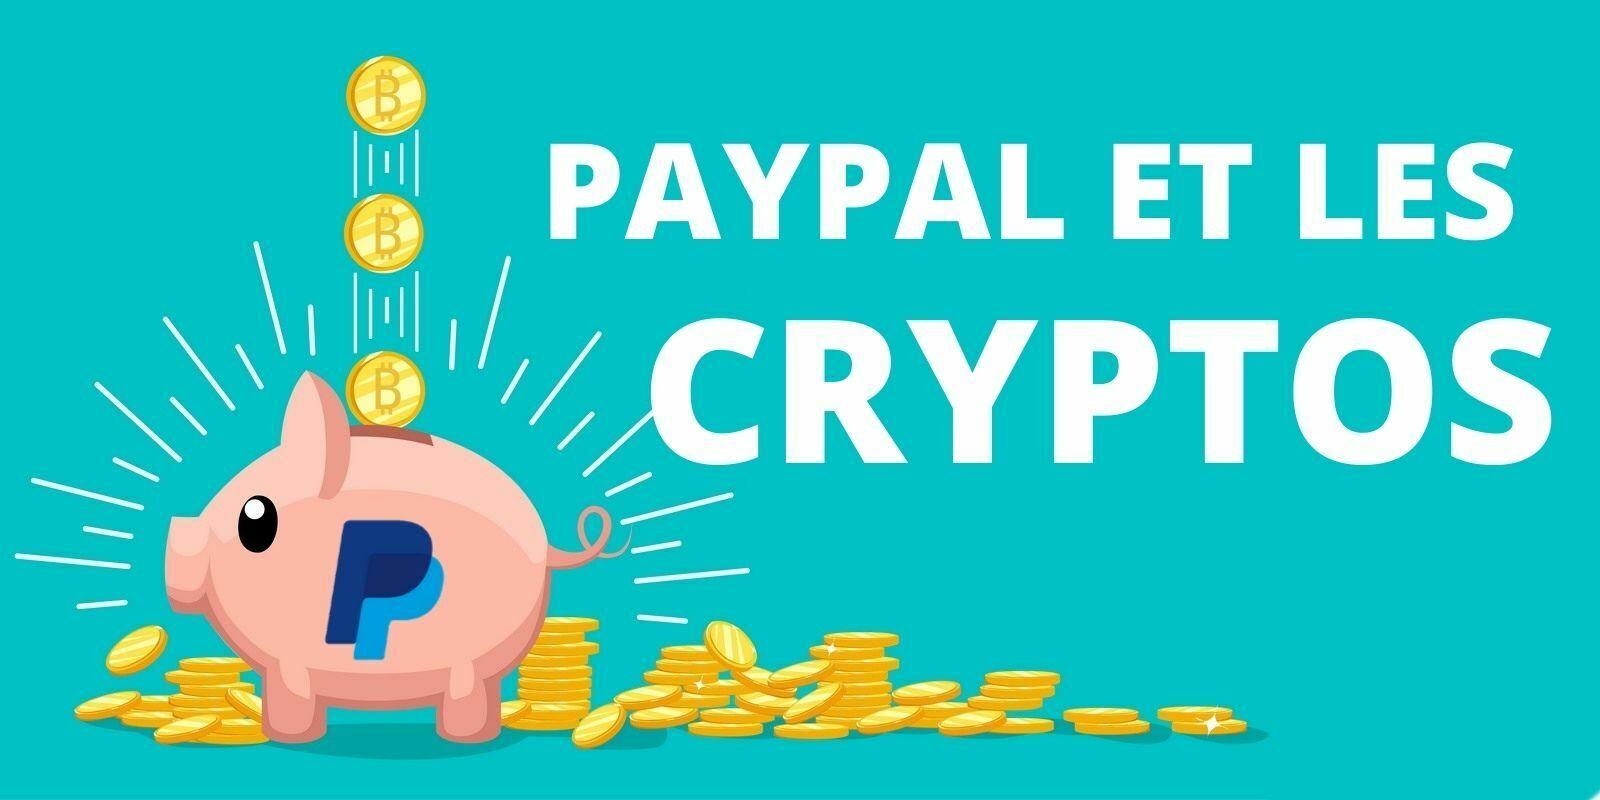 PayPal pourrait dégager un chiffre d'affaires de 2 milliards de dollars grâce au Bitcoin